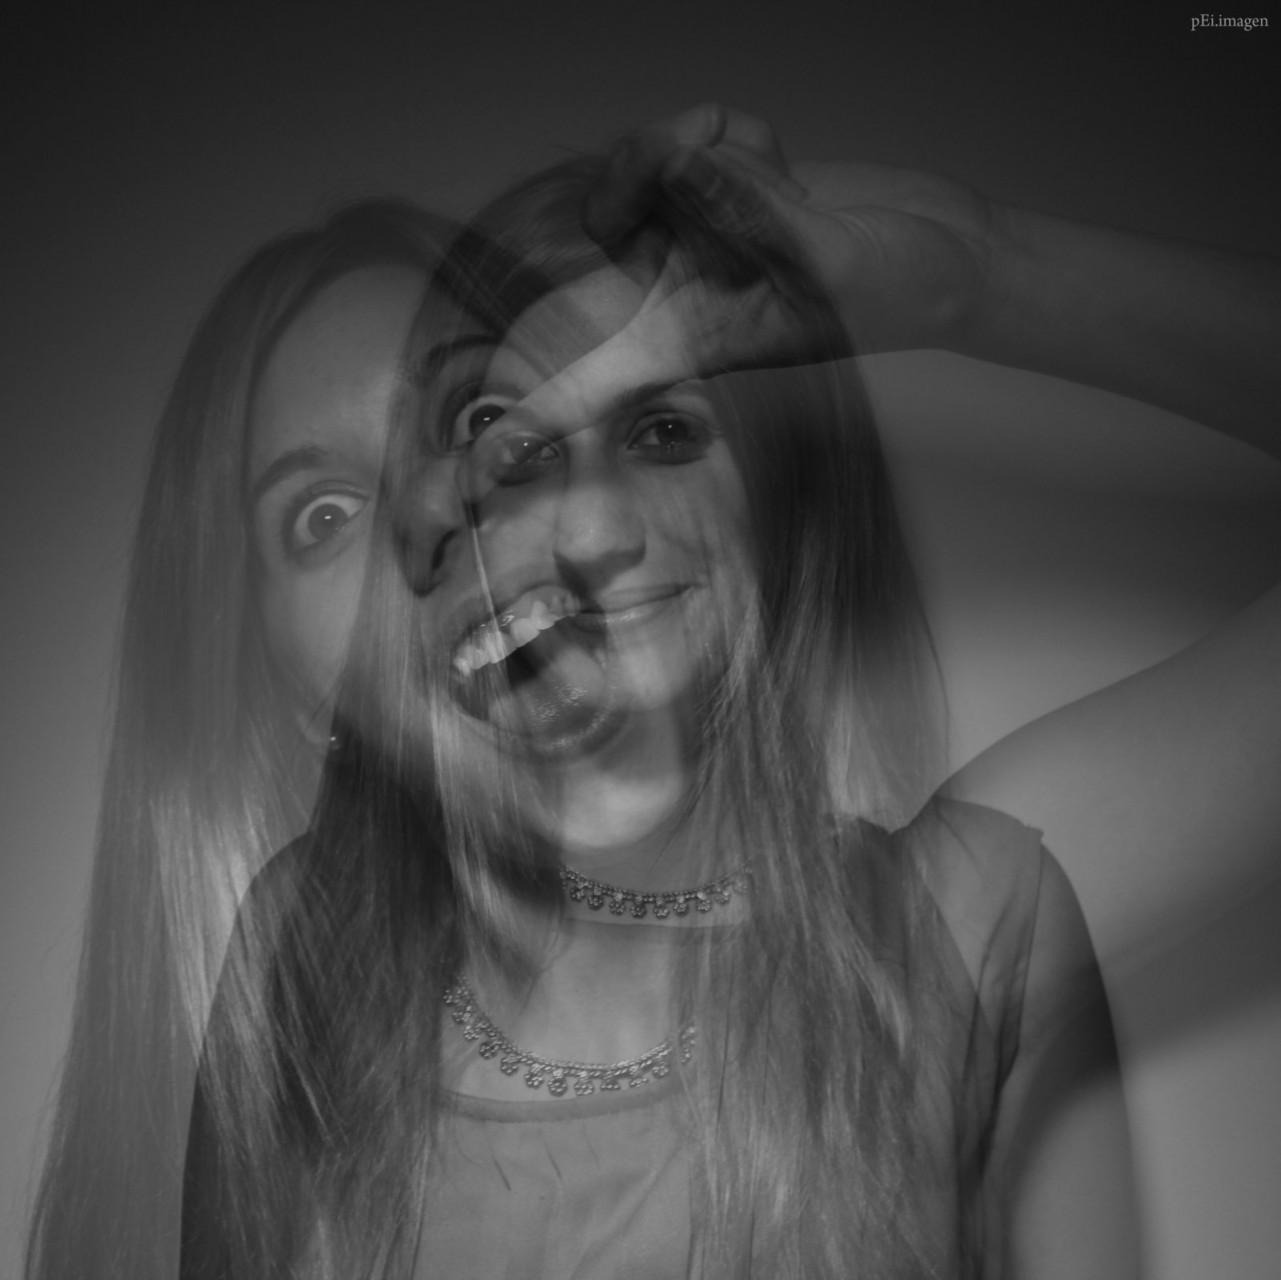 peipegata me myself I proyectos fotografia peipegatafotografia # 089 Sara Mambrillas